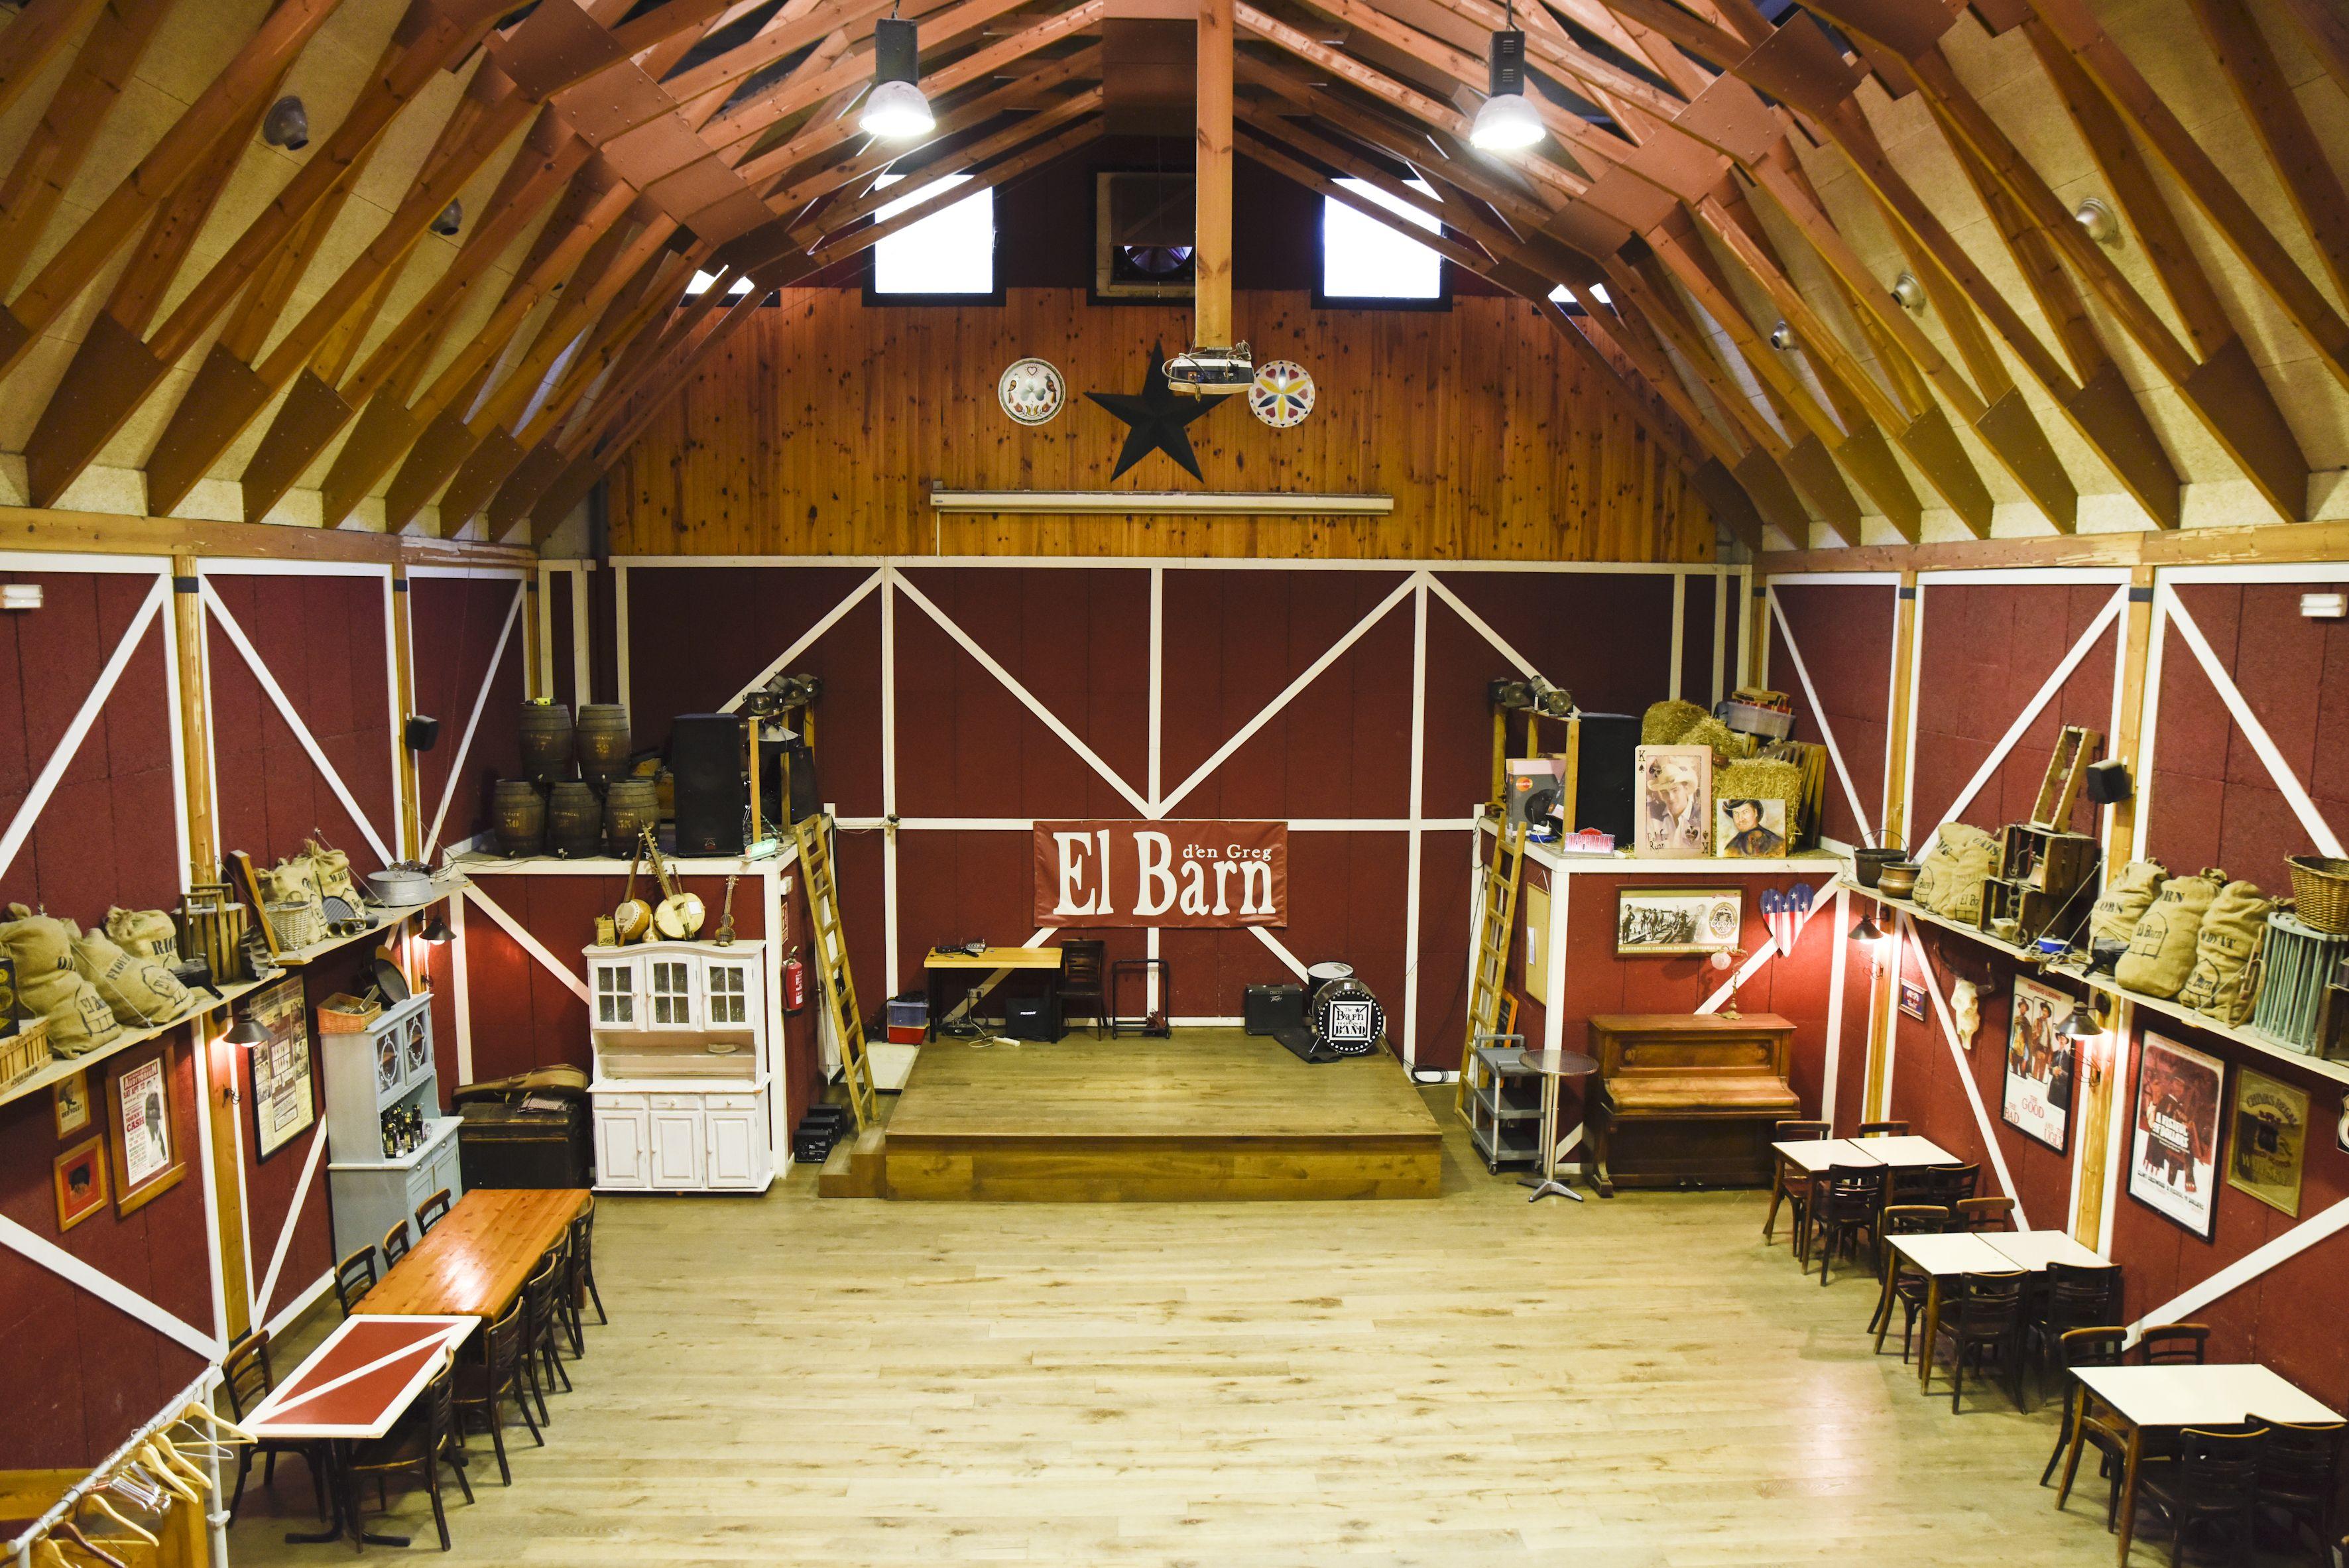 Al saló s'hi celebren festes d'estil country FOTO: B. Millet